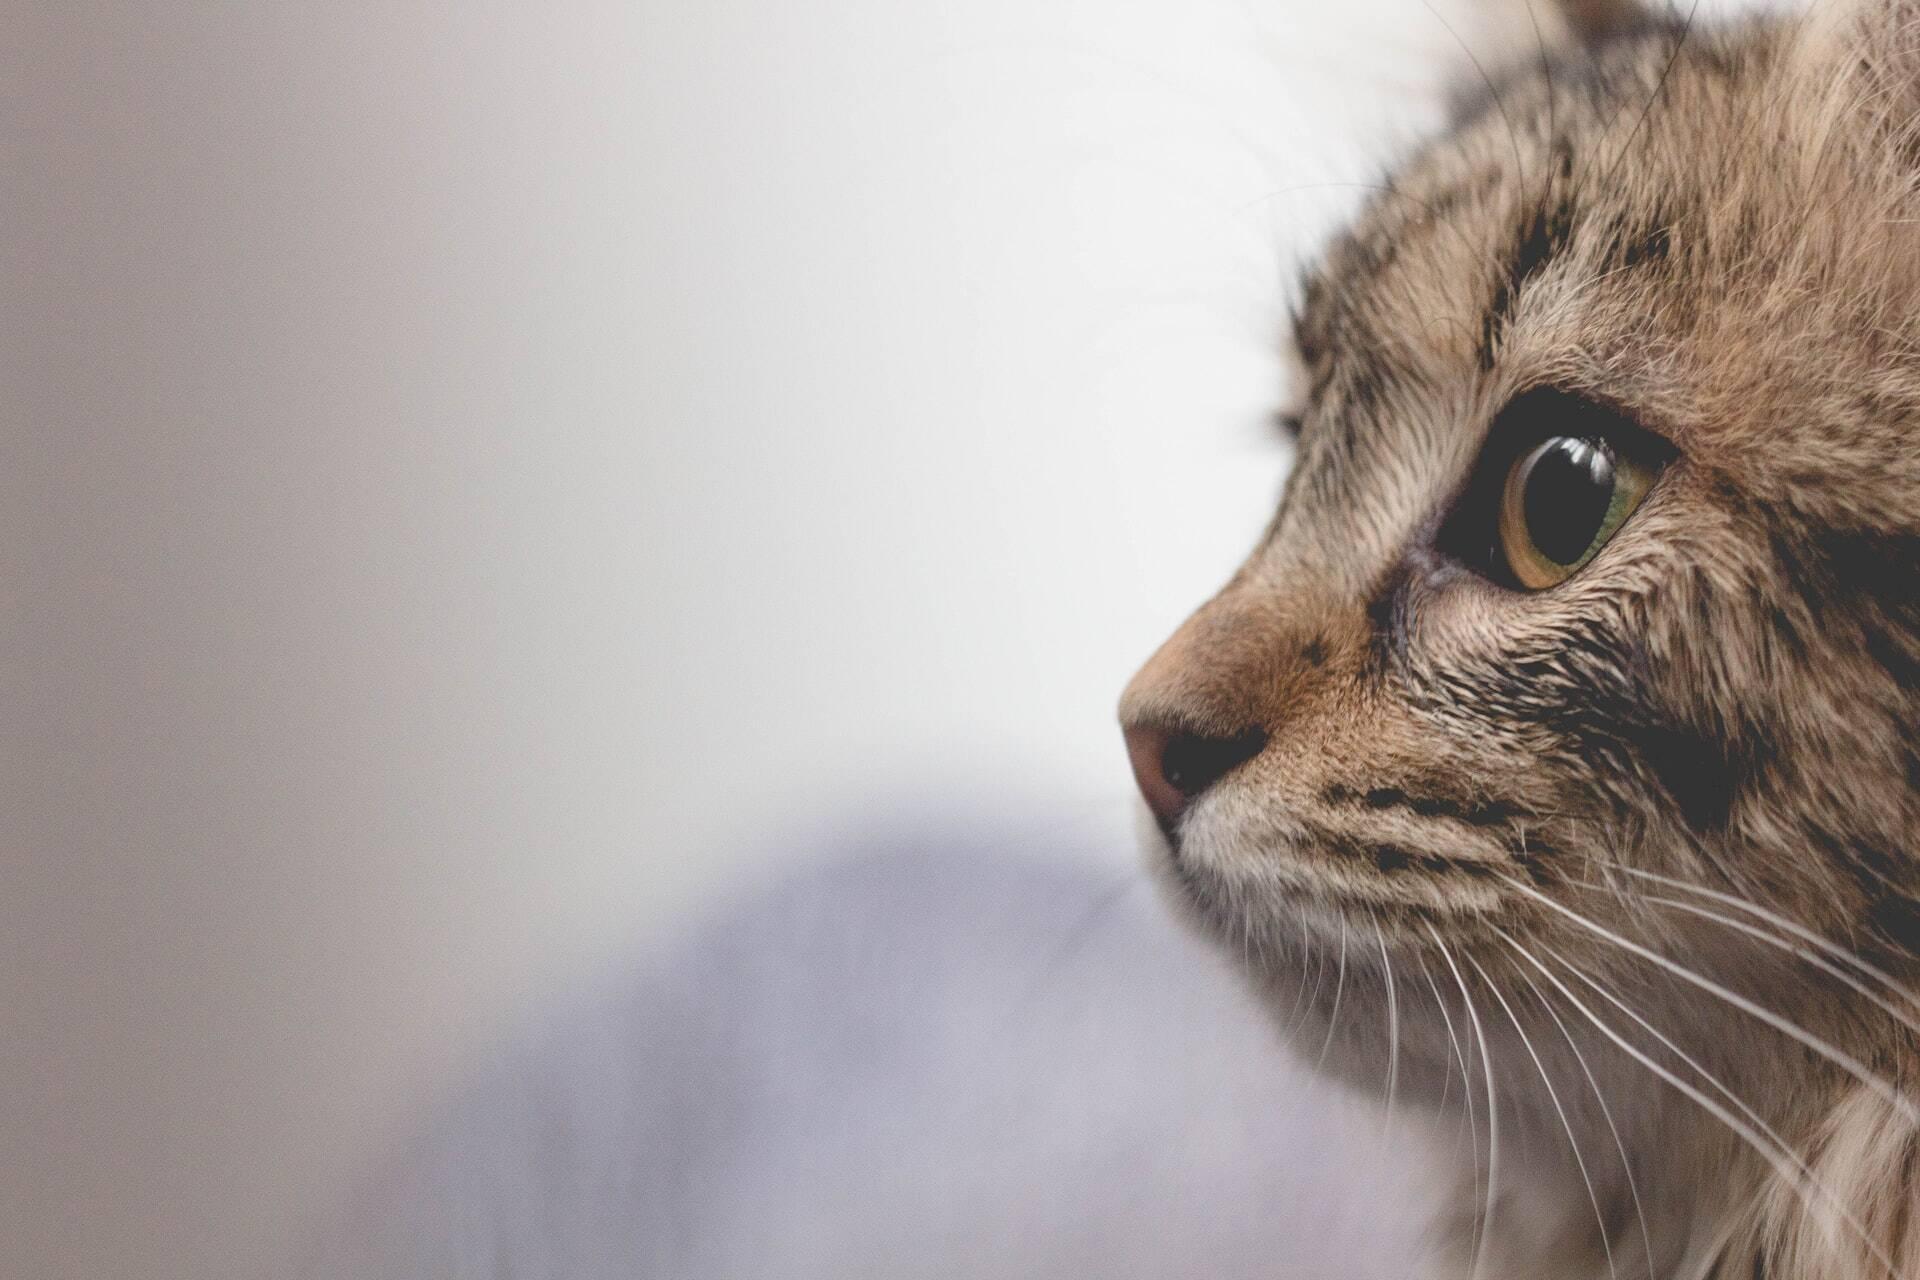 Crueldade: Com água fervente, segurança mata gata grávida e seus filhotes